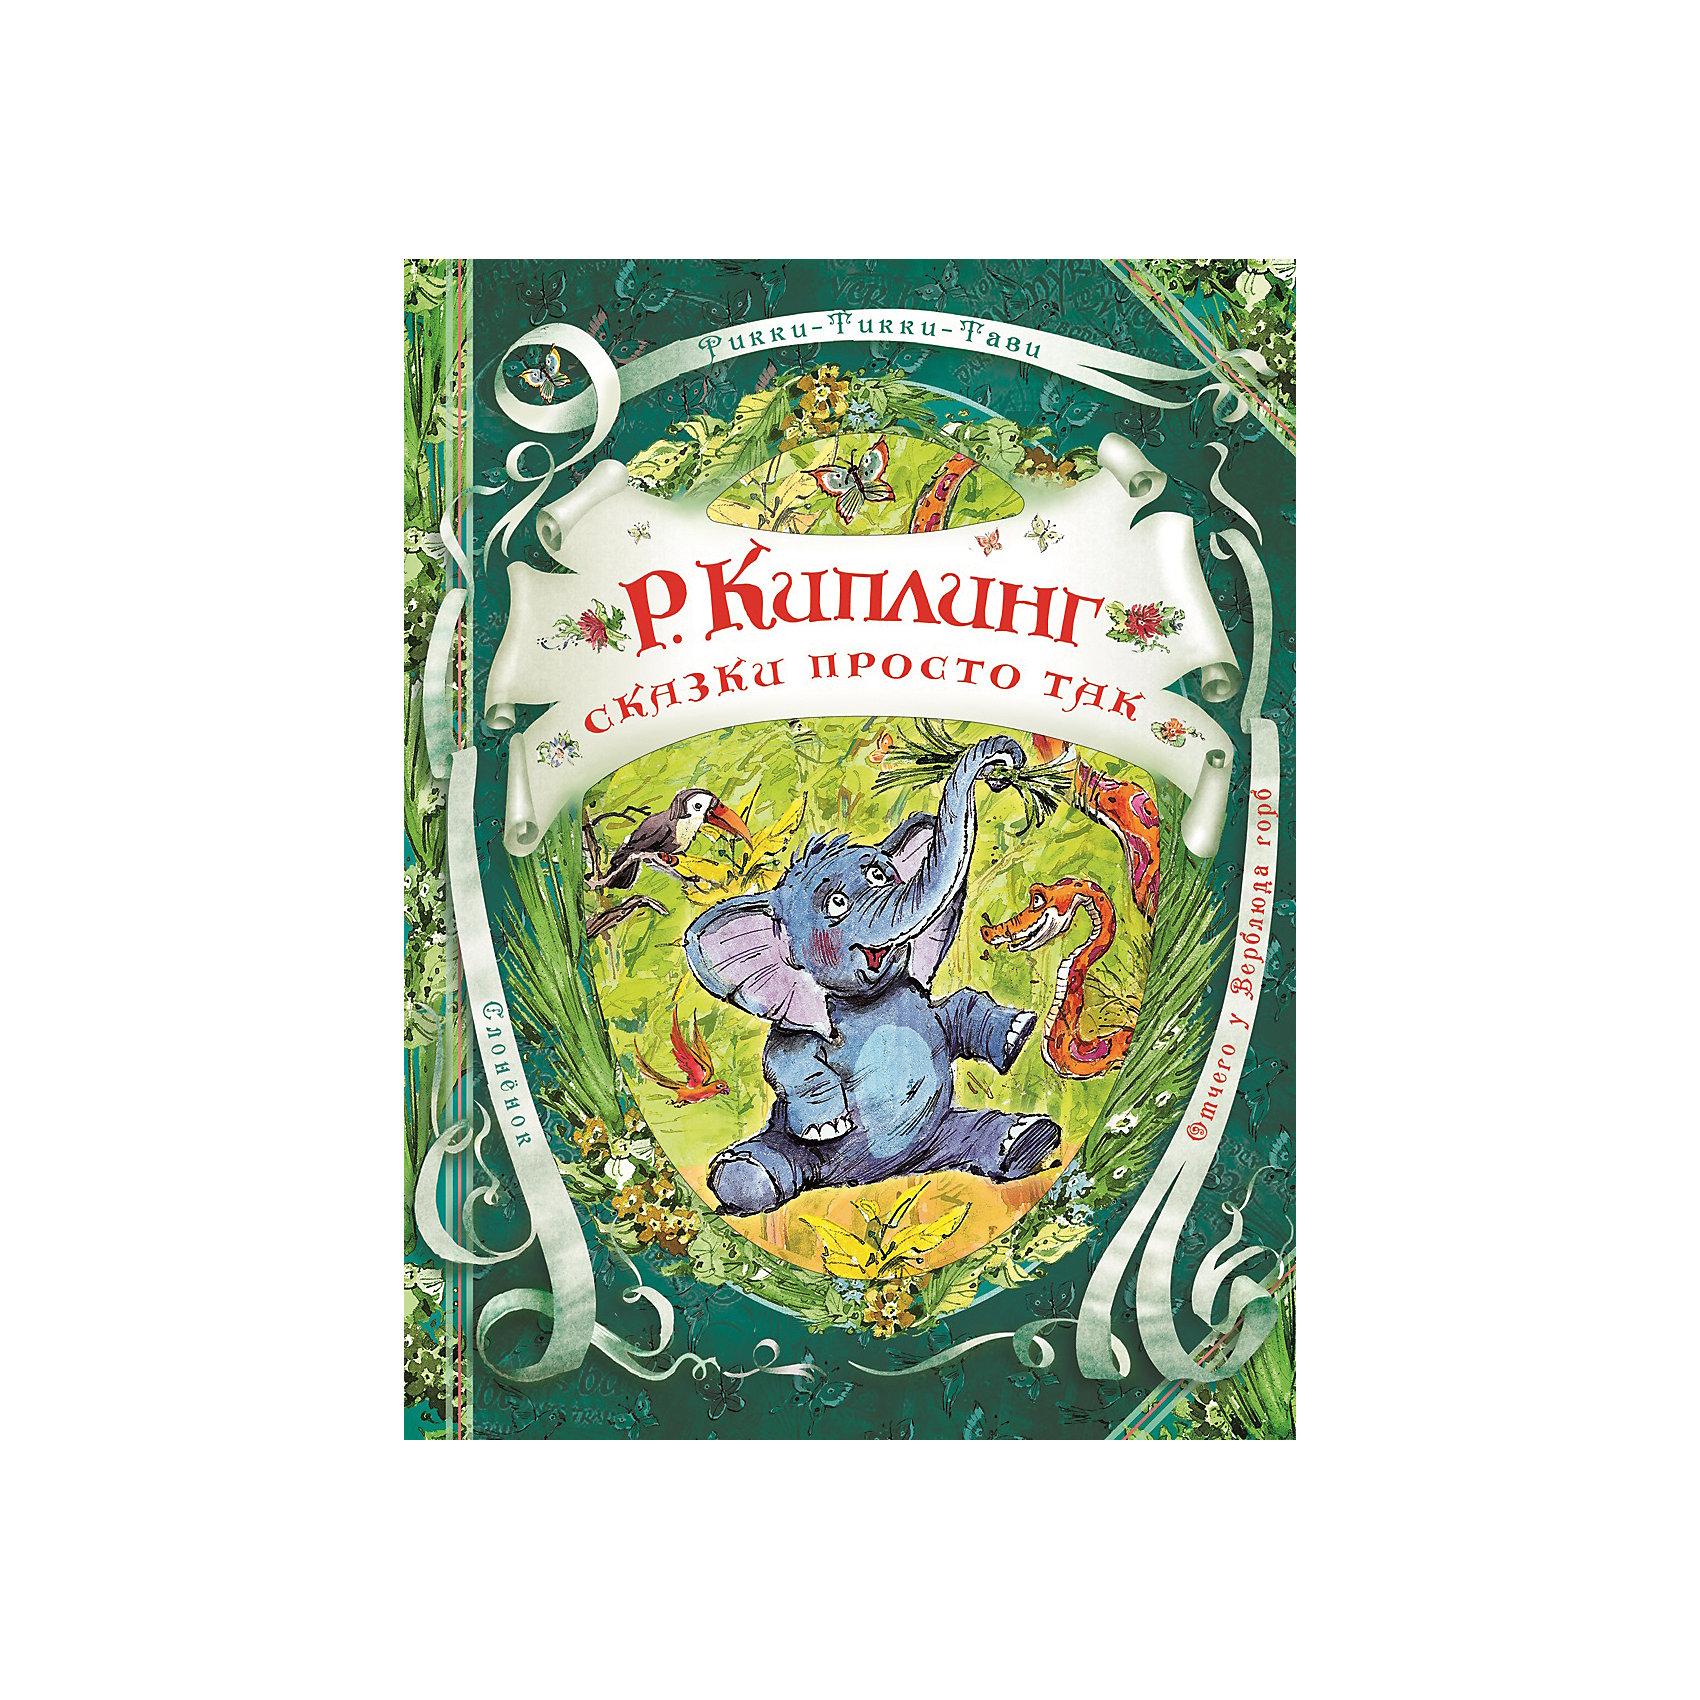 Сказки просто так, Дж. Р. КиплингРосмэн<br>Сборник Сказки просто так познакомят Вашего ребенка с увлекательными историями популярного английского писателя Джозефа Редьярда Киплинга. <br><br>Содержание:<br>Кошка, гулявшая сама по себе<br>Рикки-Тикки-Тави<br>Откуда у Кита такая глотка<br>Отчего у Верблюда горб<br>Слоненок. Сказка<br>Откуда взялись Броненосцы<br>Как было написано первое письмо<br>Мотылек, который топнул ногой<br>Как Краб играл с морем<br>Как Леопард получил свои пятна<br>Откуда у Носорога шкура<br><br>Сказки в переводе К. И. Чуковского и Л. Хавкиной, а также стихи в переводе С. Я. Маршака. Яркие красочные иллюстрации и великолепное полиграфическое оформление делают это издание отличным подарком для ребенка.<br><br>Дополнительная информация:<br><br>- Автор: Д. Р. Киплинг. <br>- Художник: В. Челак.<br>- Обложка: твердая.<br>- Иллюстрации: цветные.<br>- Объем: 144 стр.<br>- Размер: 26,5 x 0,9 x 20 см.<br>- Вес: 0,6 кг.<br><br>Книгу Сказки просто так, Д. Р. Киплинг, Росмэн, можно купить в нашем интернет-магазине.<br><br>Ширина мм: 265<br>Глубина мм: 200<br>Высота мм: 9<br>Вес г: 600<br>Возраст от месяцев: 60<br>Возраст до месяцев: 2147483647<br>Пол: Унисекс<br>Возраст: Детский<br>SKU: 4720561